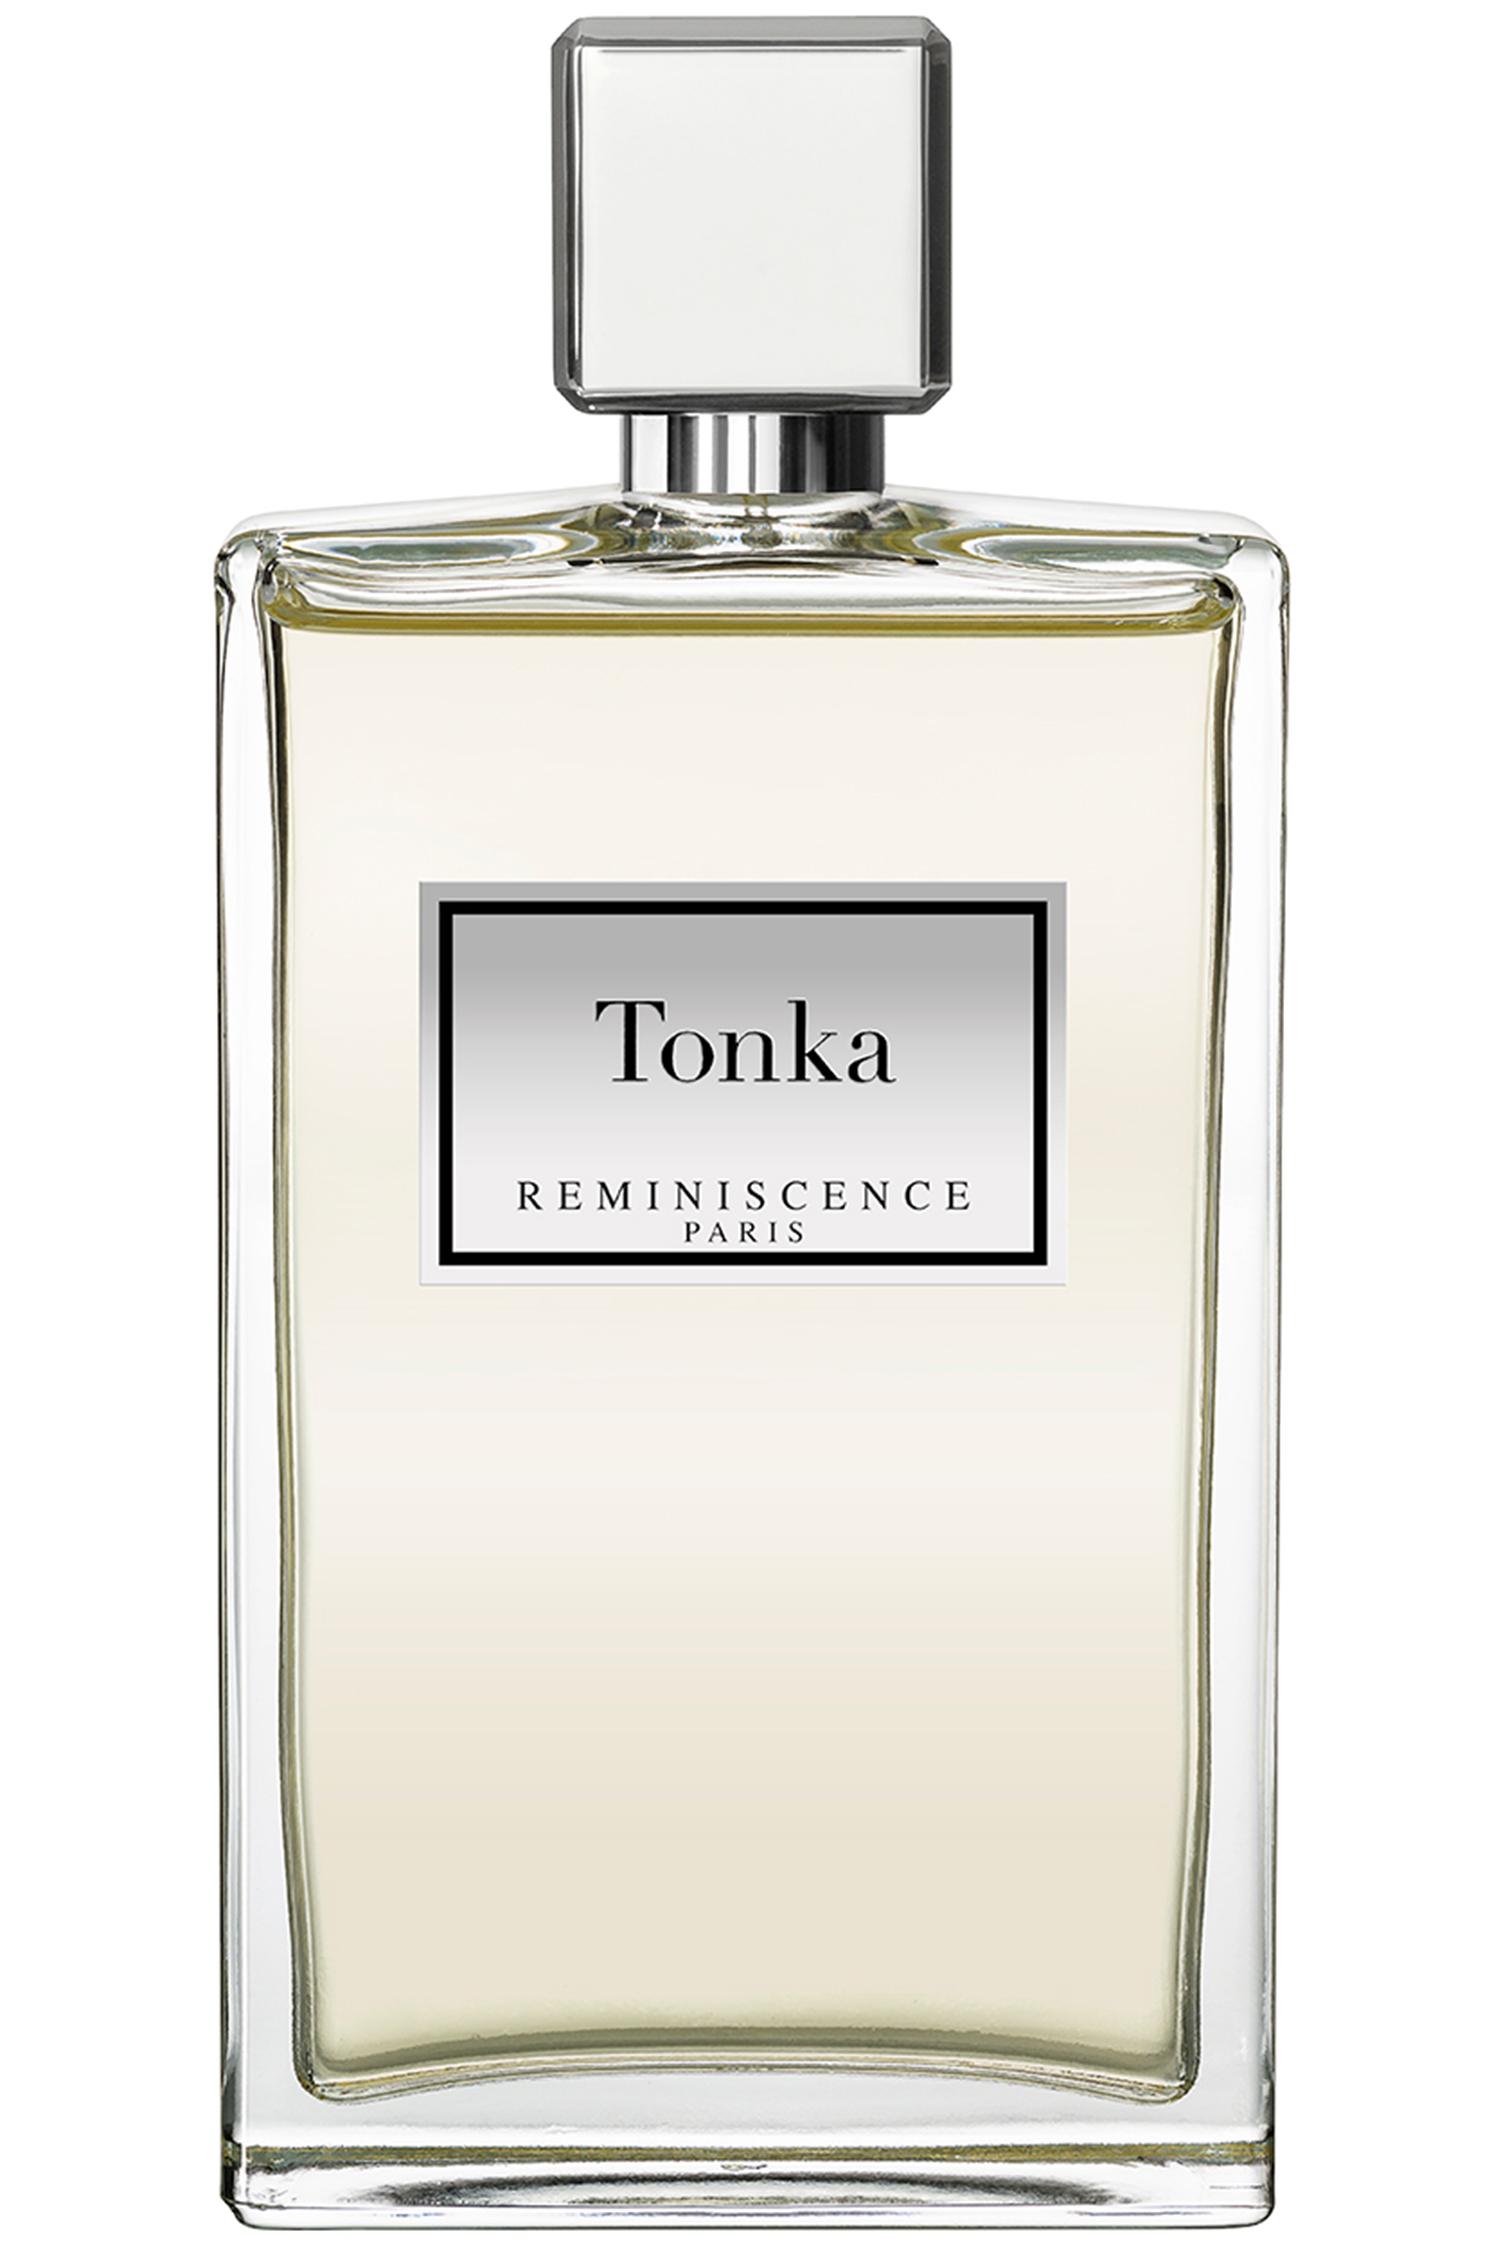 tonka eau de toilette 50 ml reminiscence parfums